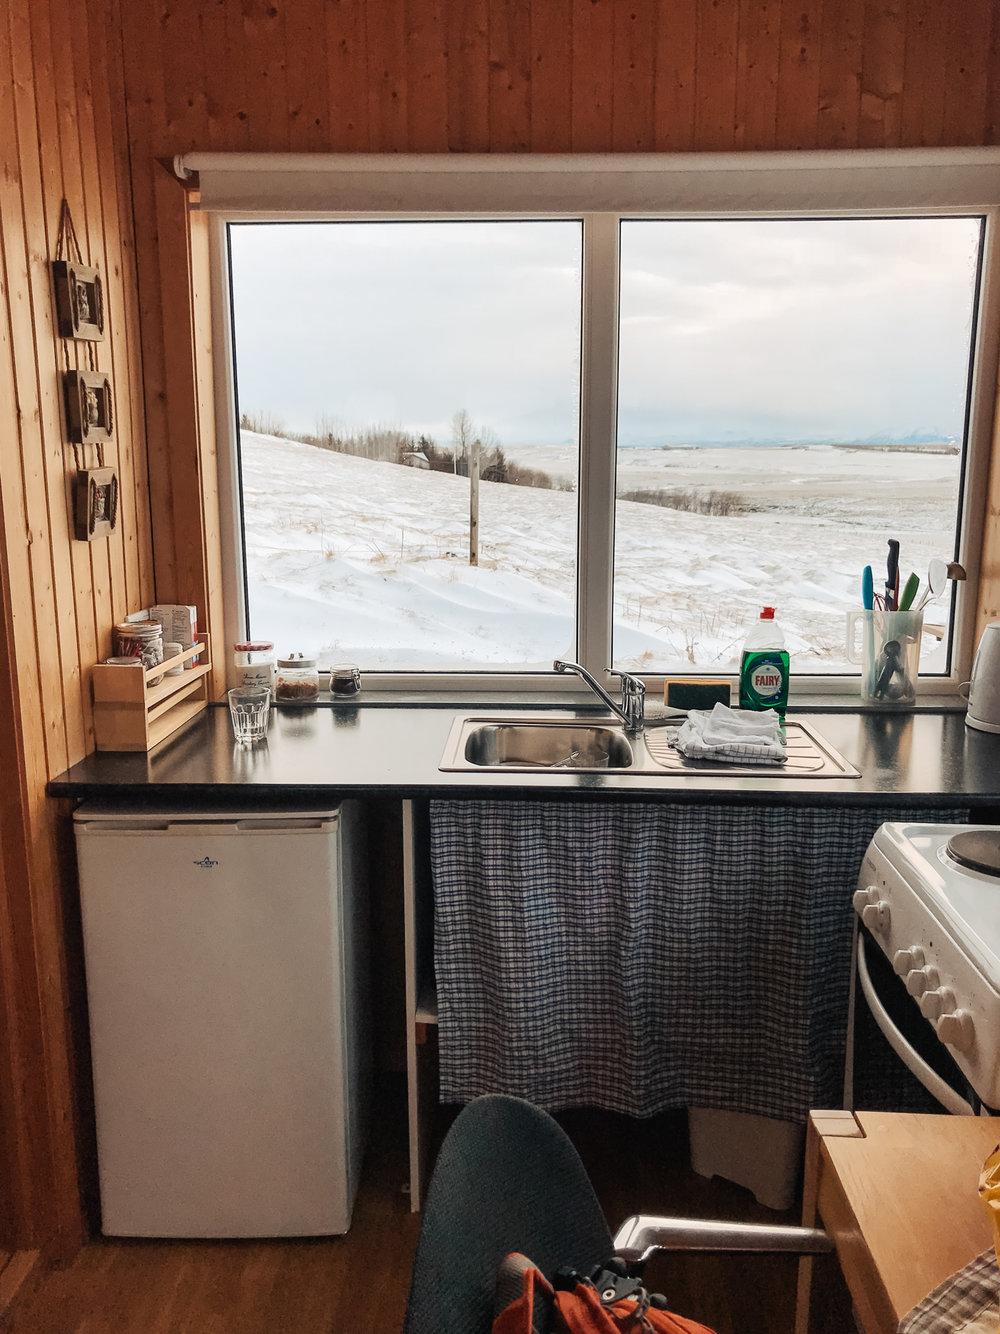 iceland-airbnb-kitchen.jpg